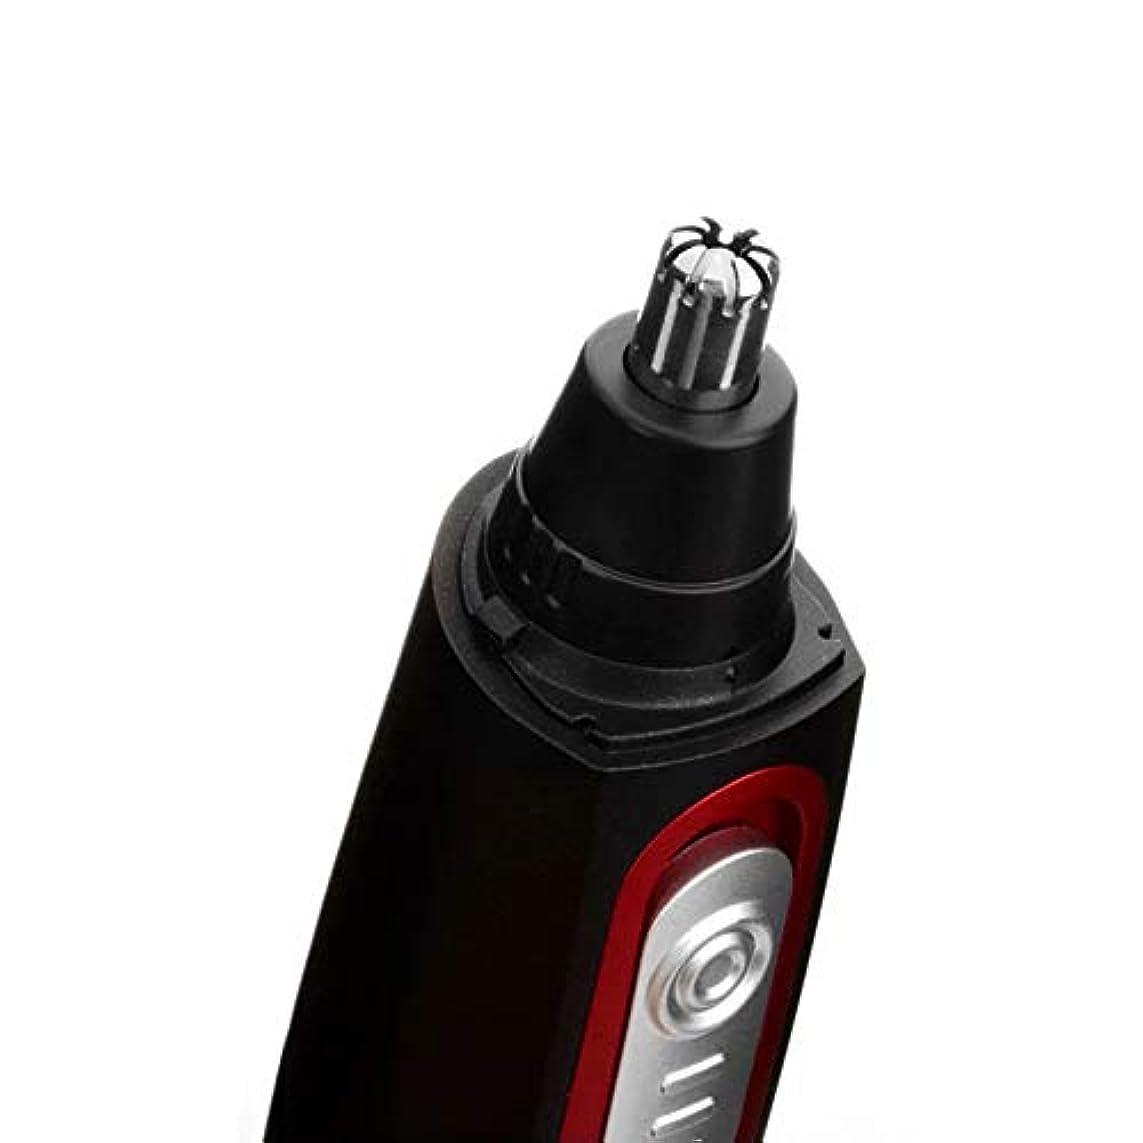 許される作物エキスノーズヘアトリマー/メンズシェービングノーズヘアスクレーピングノーズヘアハサミ/ 360°効果的なキャプチャー/三次元ロータリーカッターヘッドデザイン/ 14cm お手入れが簡単